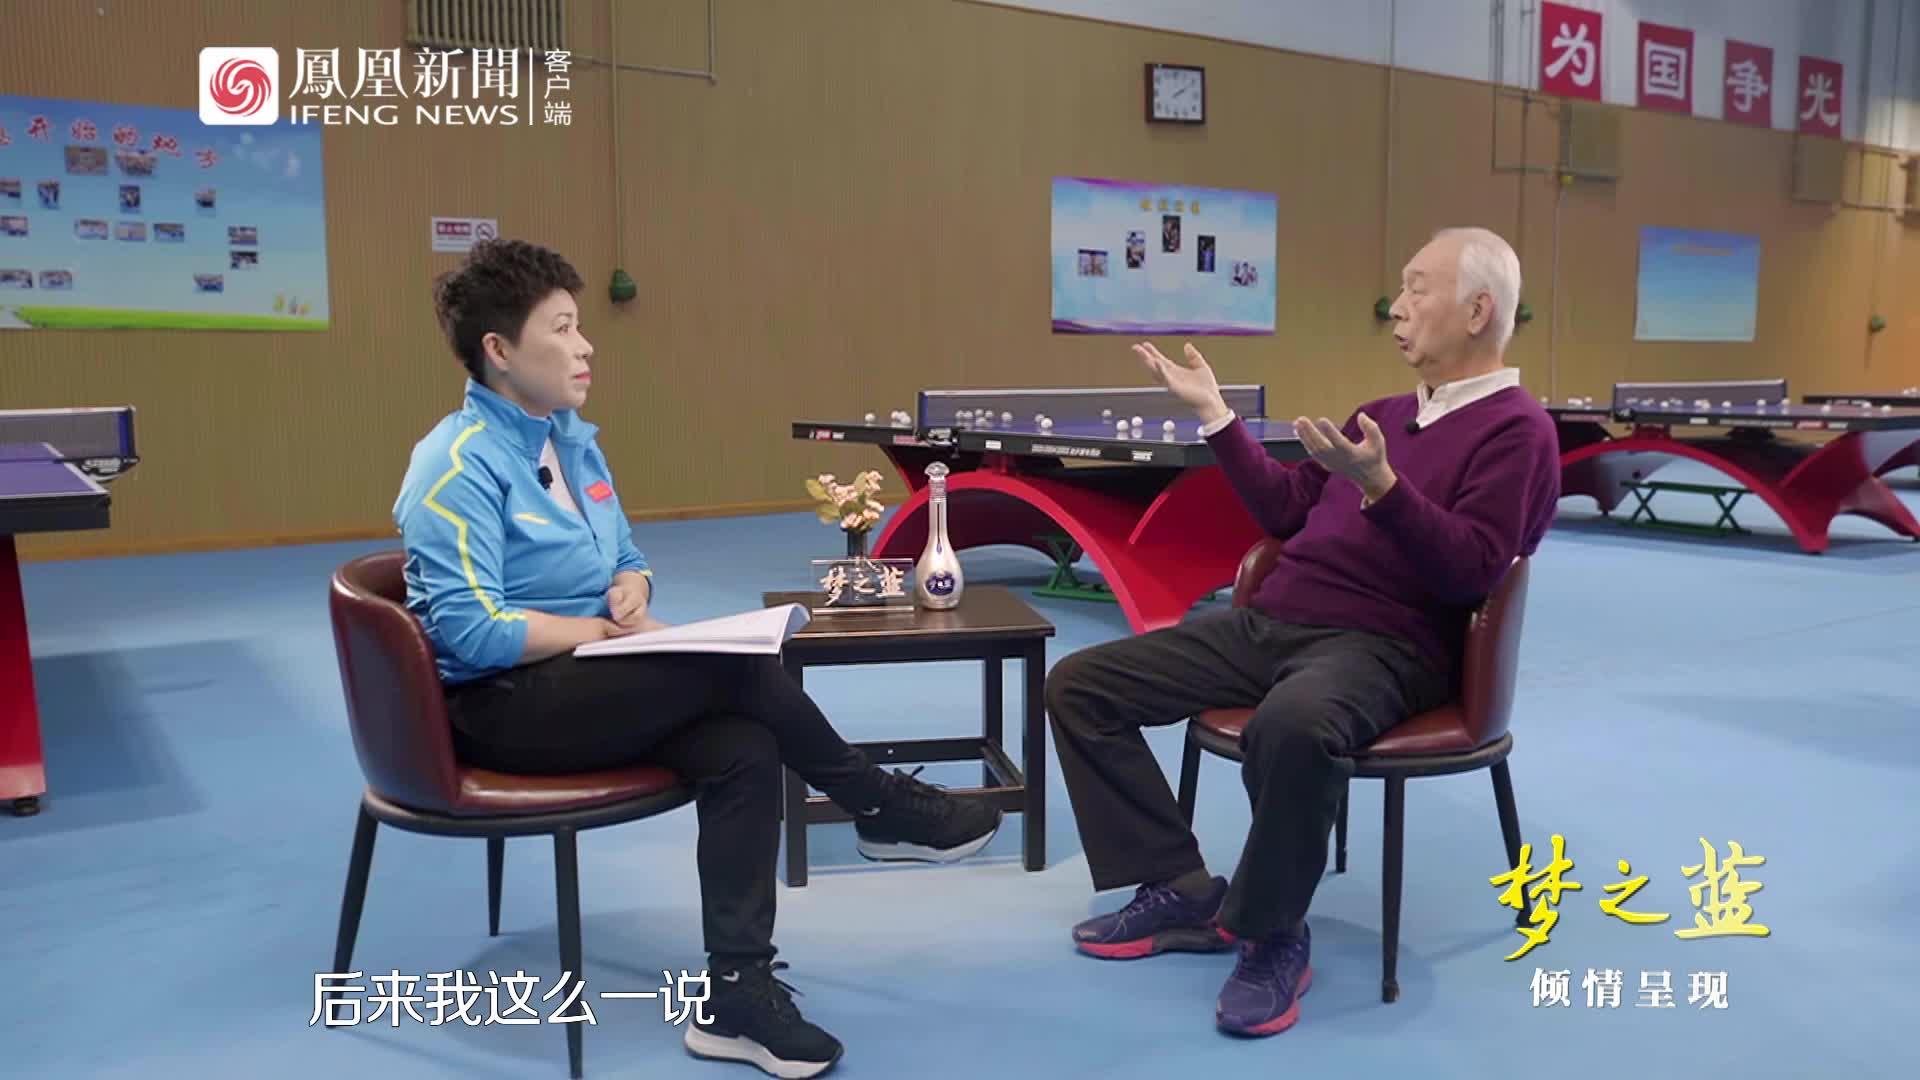 独家| 邓亚萍个矮、不漂亮曾被国家队教练嫌弃,张燮林力排众议